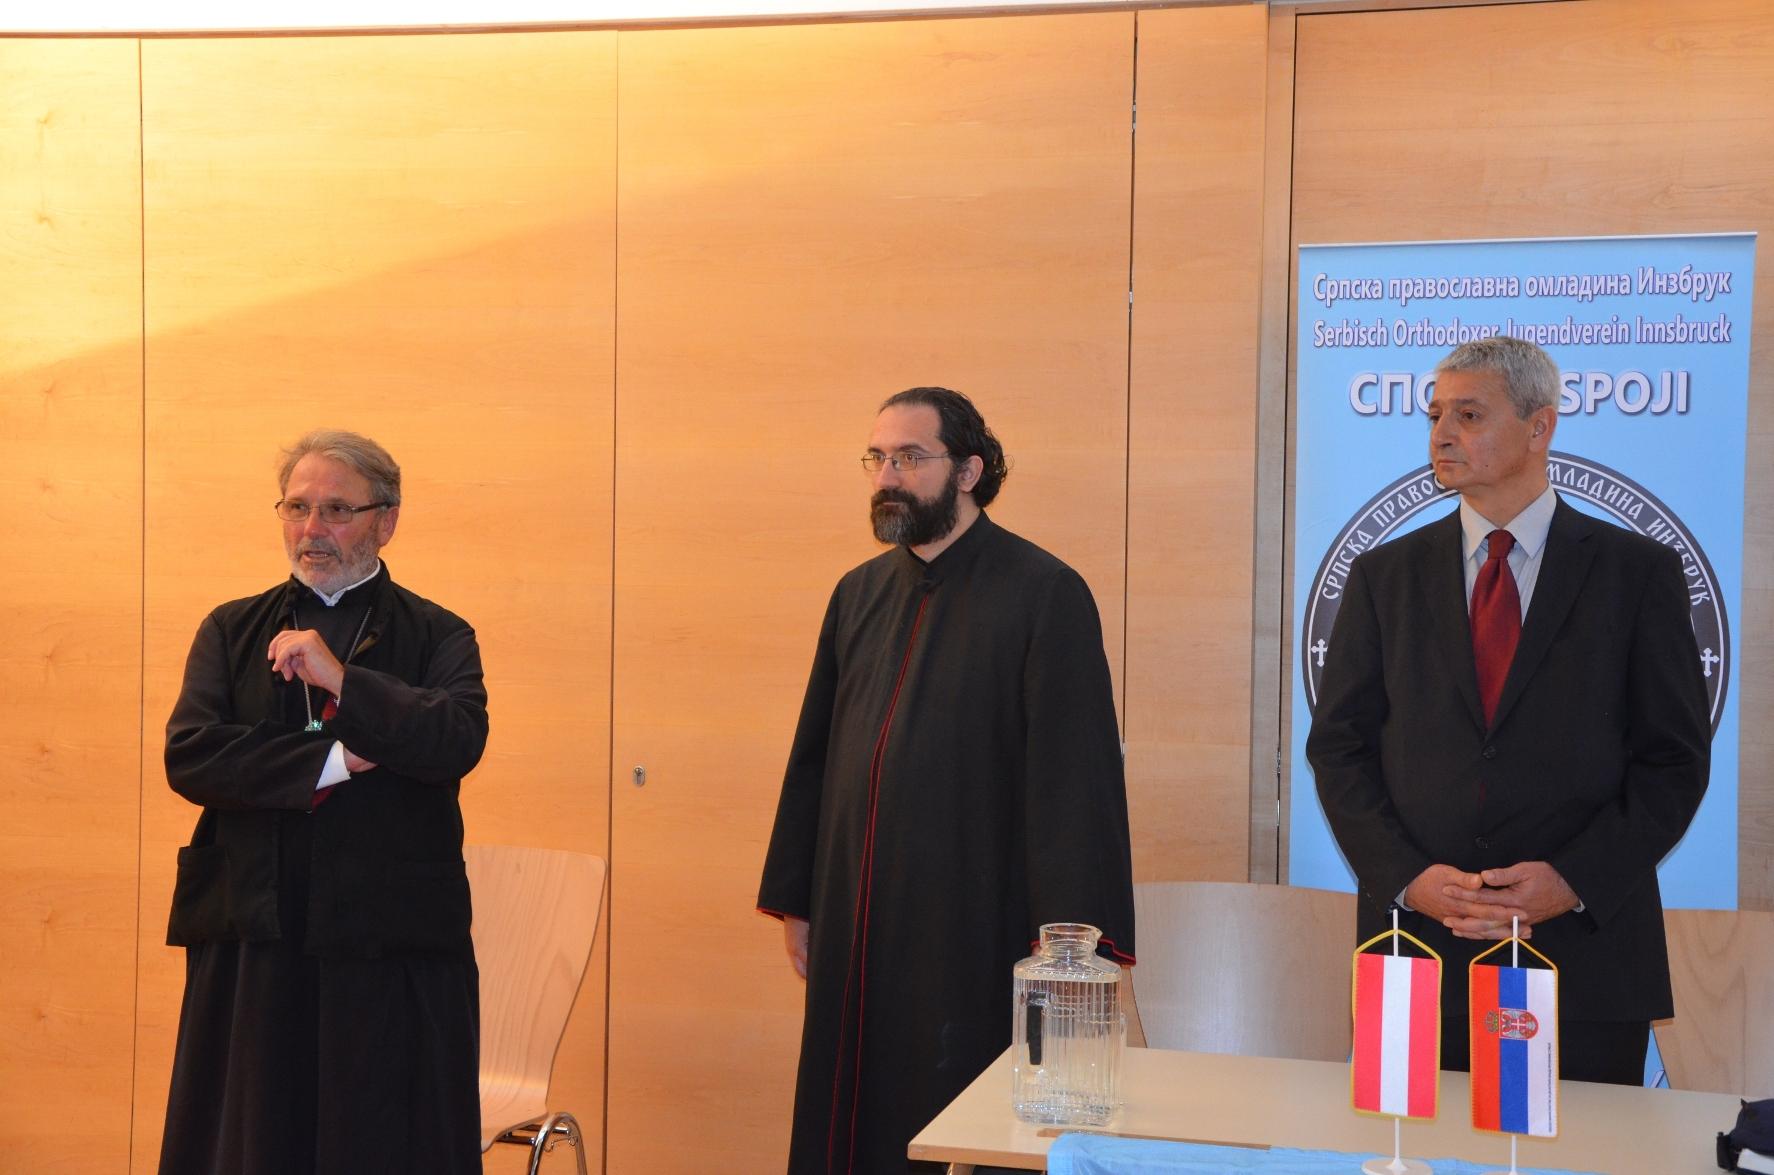 - Otac Slobodan iz Minhena pozdravlja sve prisutne u ime oca Aleksandra -